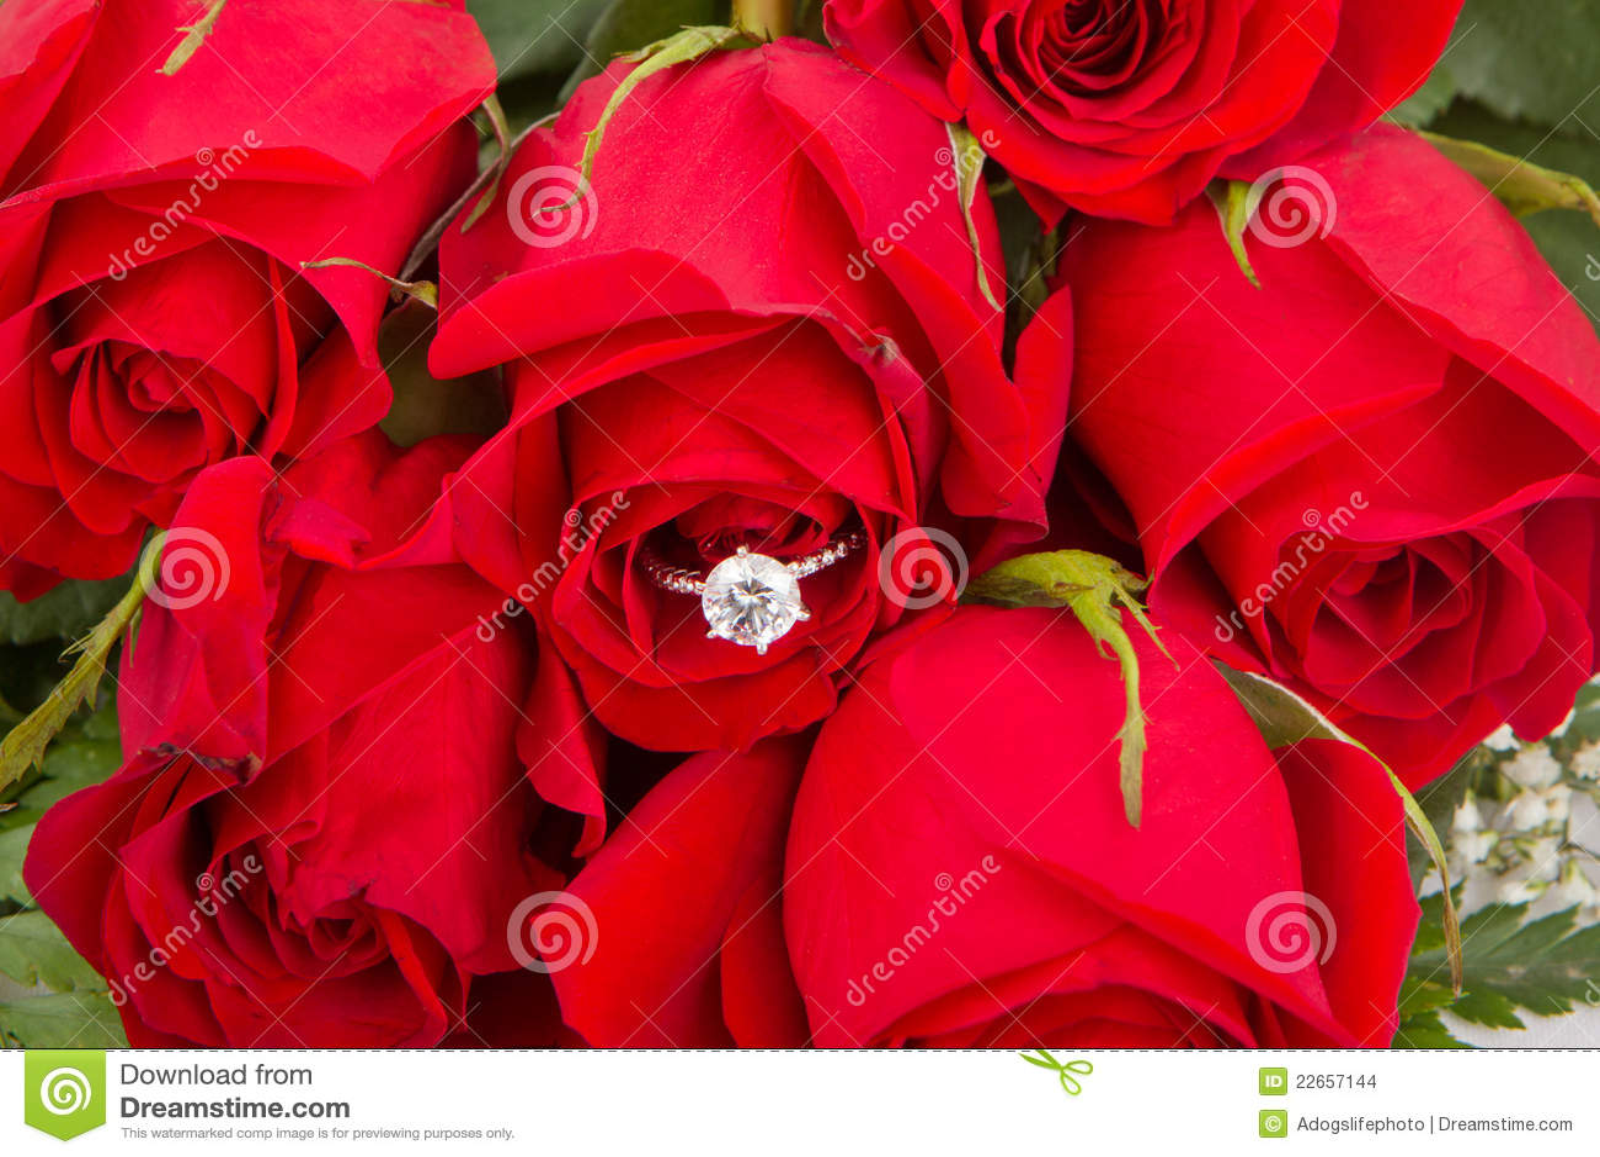 Ramo De Rosas Rojas Con El Anillo De Compromiso Foto De